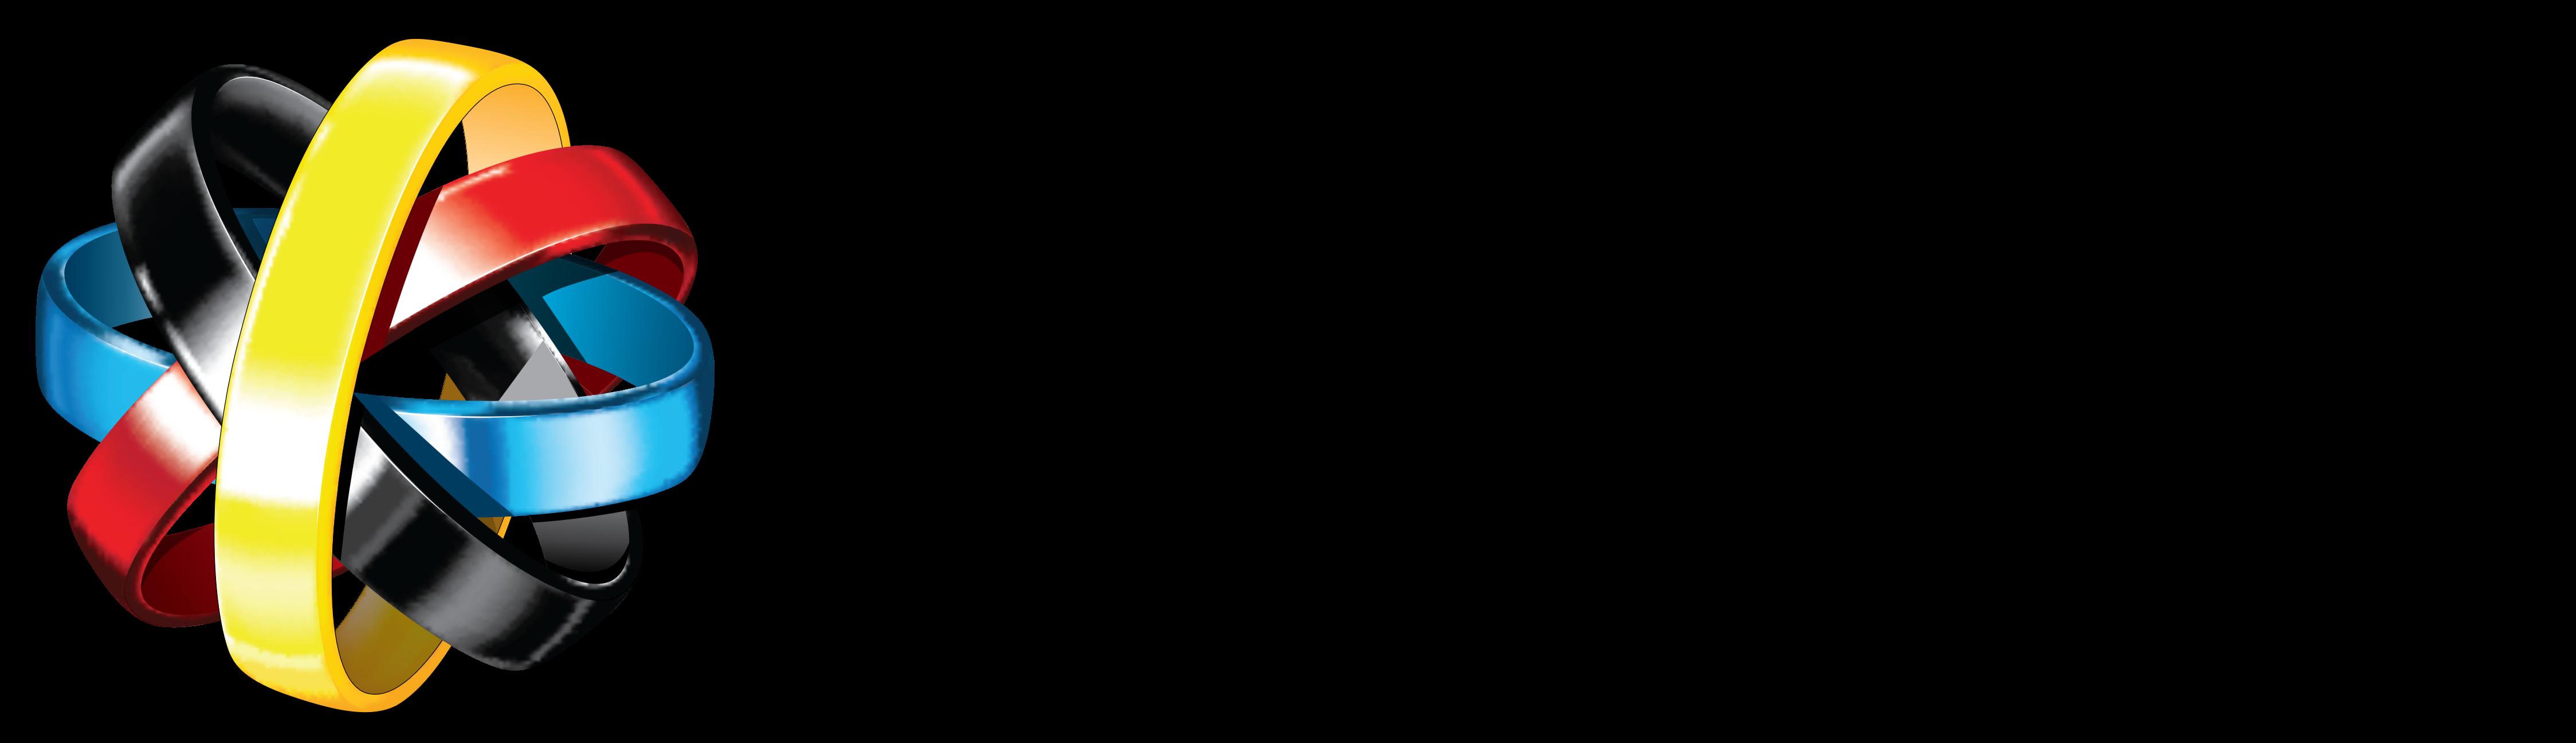 wintec  u2013 logos download